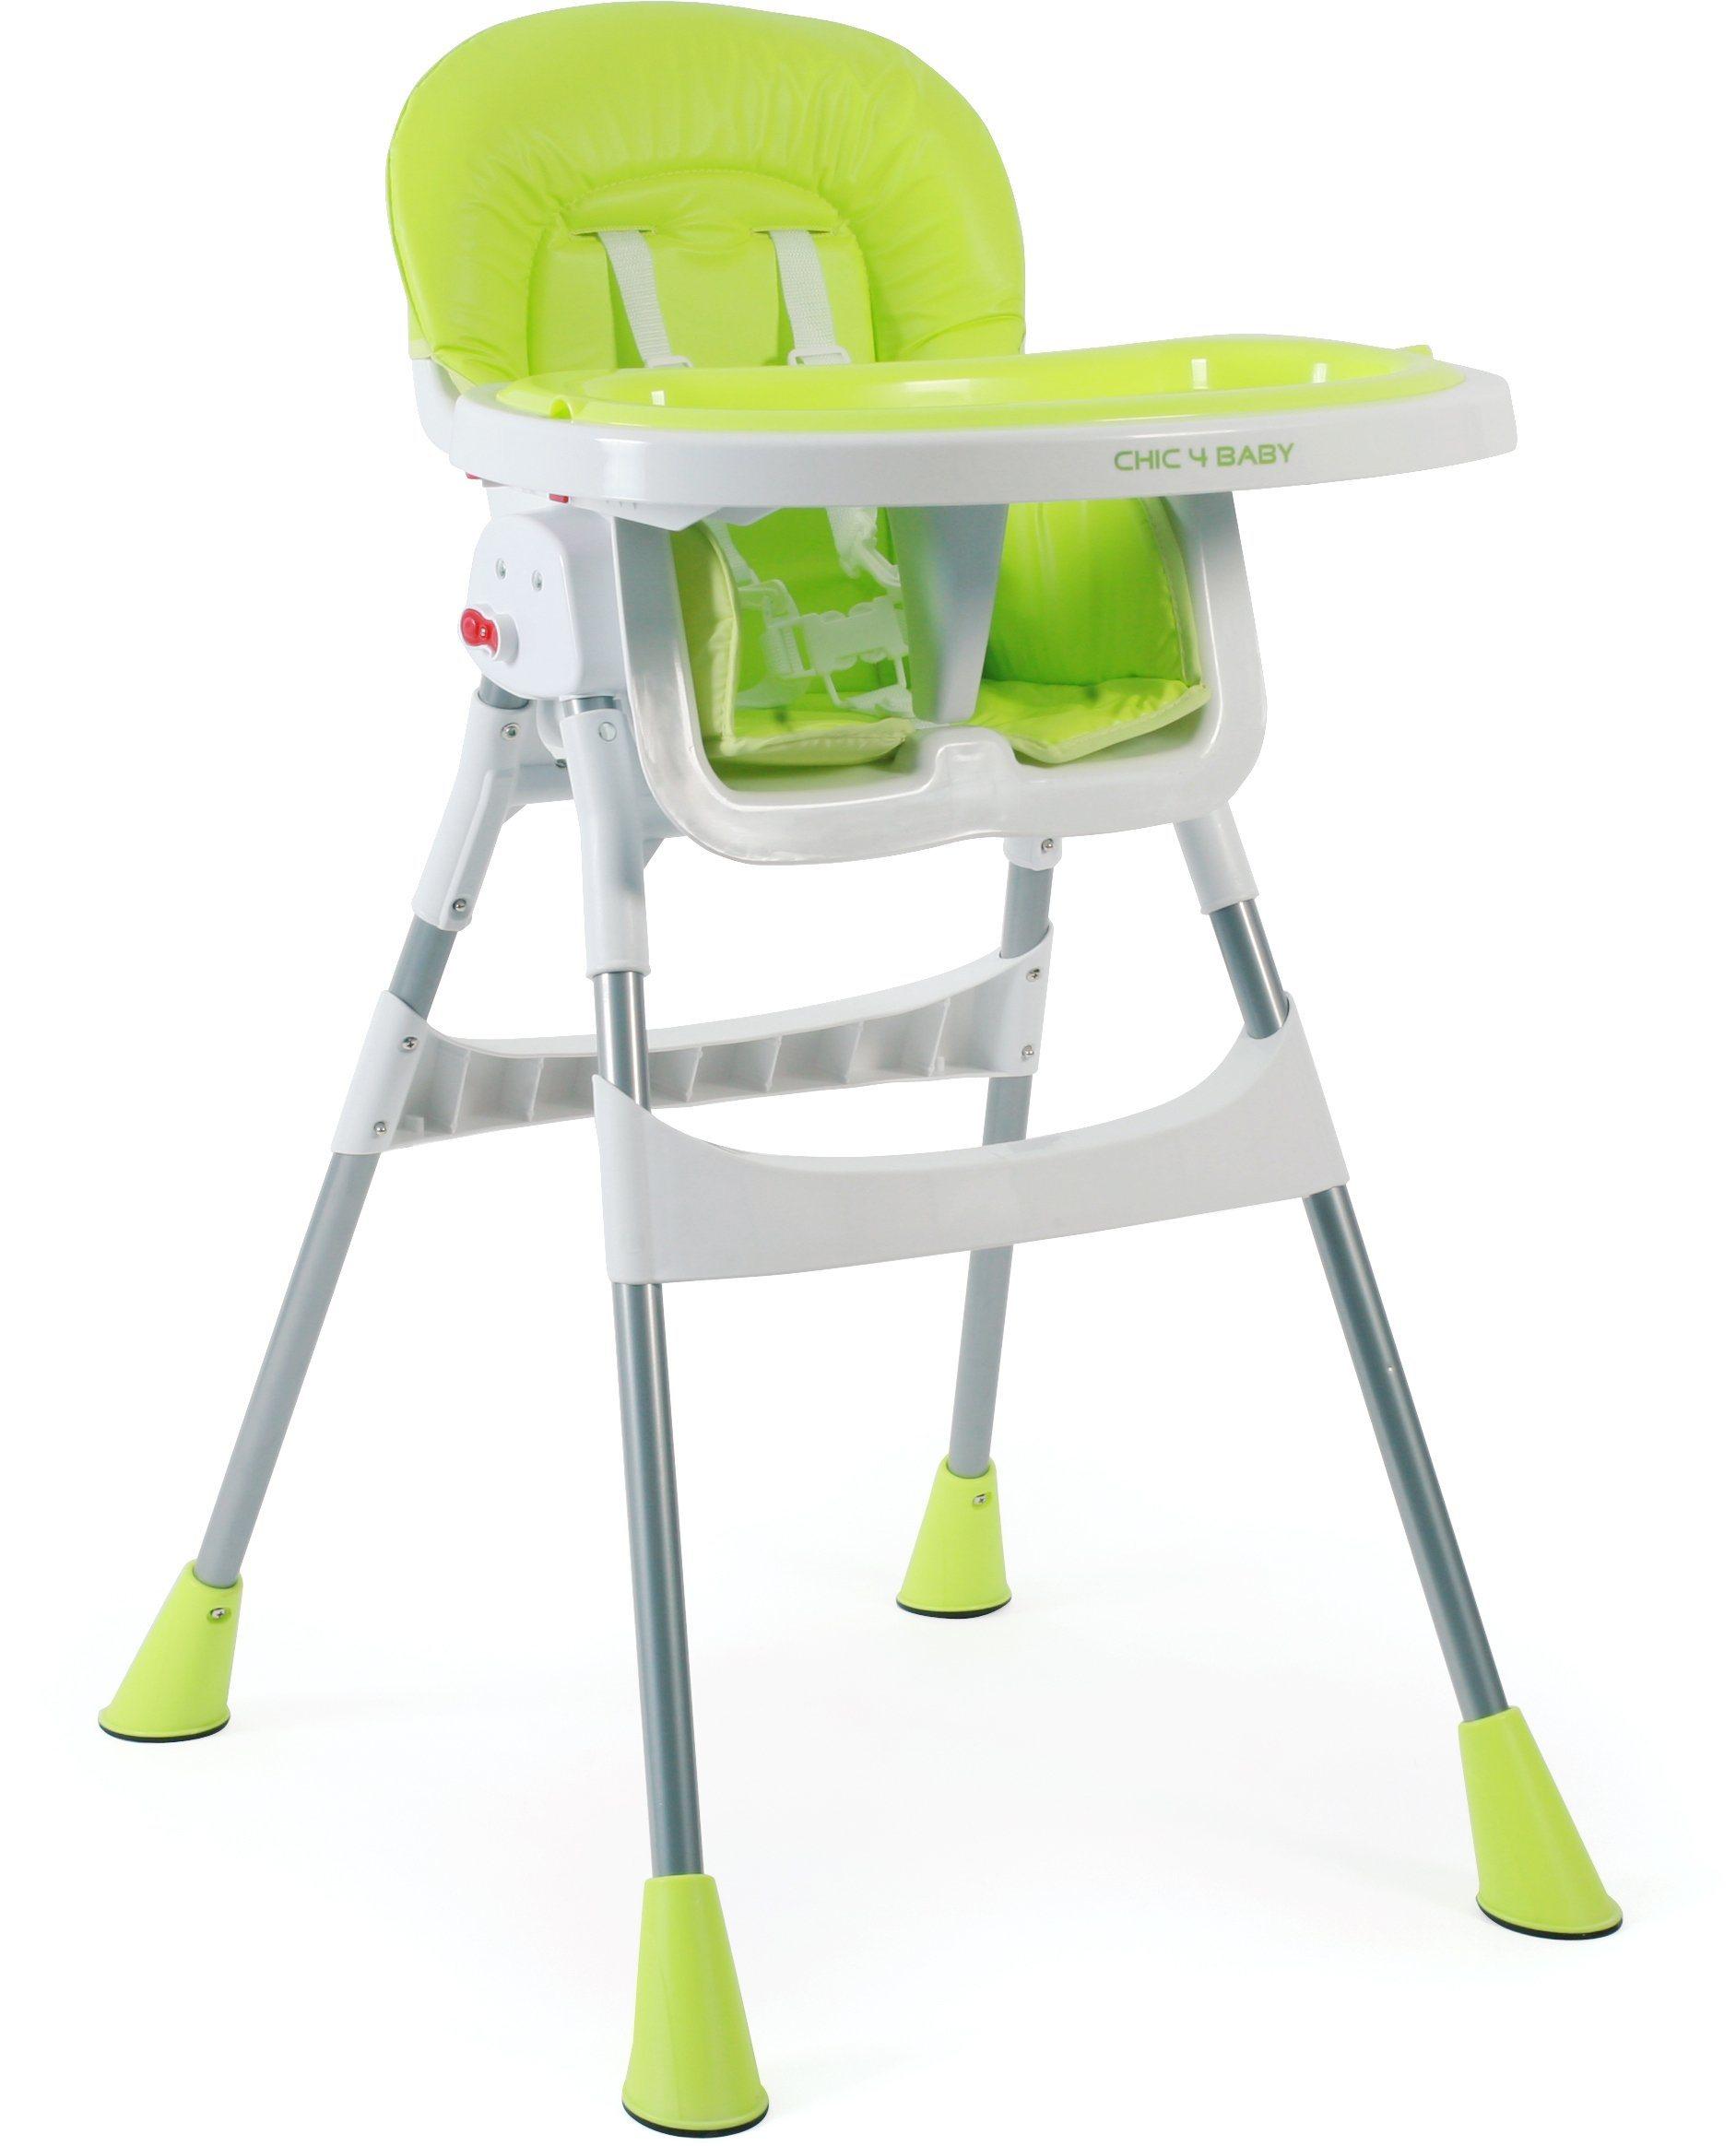 CHIC4BABY Hochstuhl mit verstellbarem Ablagebrett, »Basic lemongreen« | Kinderzimmer > Kinderzimmerstühle > Hochstühle | CHIC4BABY